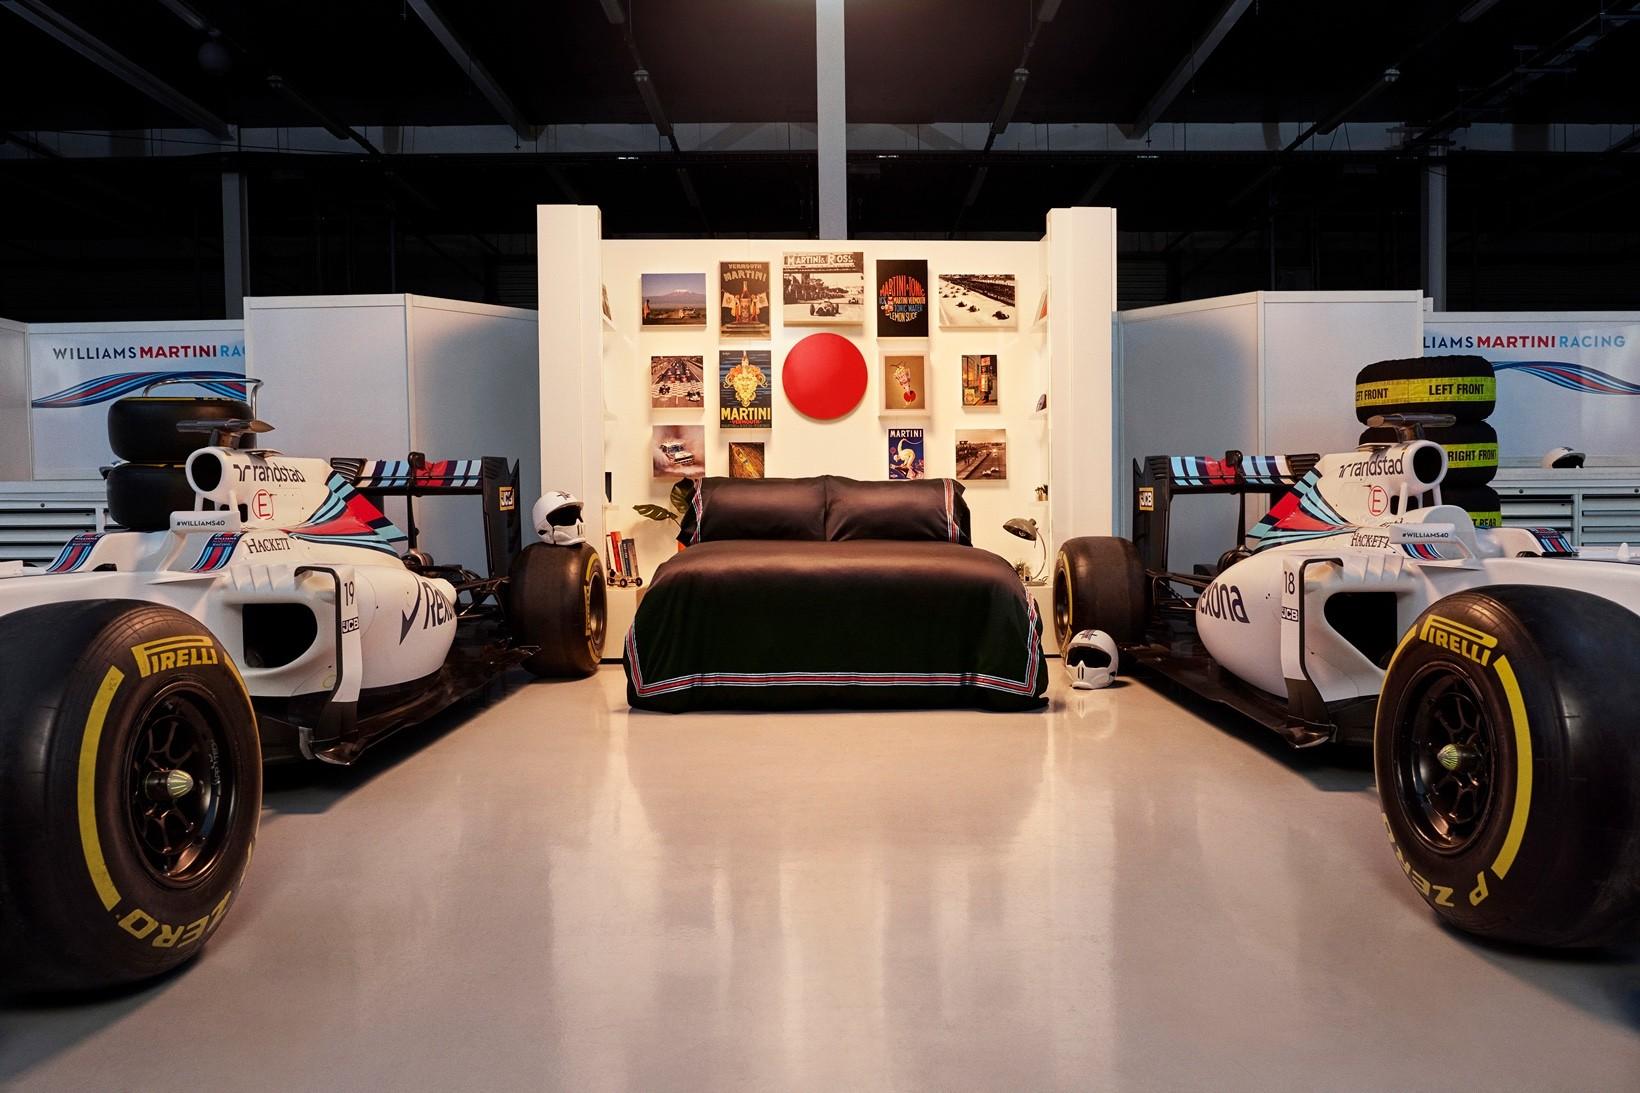 A cama montada no meio da garagem da Williams Martini (Foto: Divulgação)